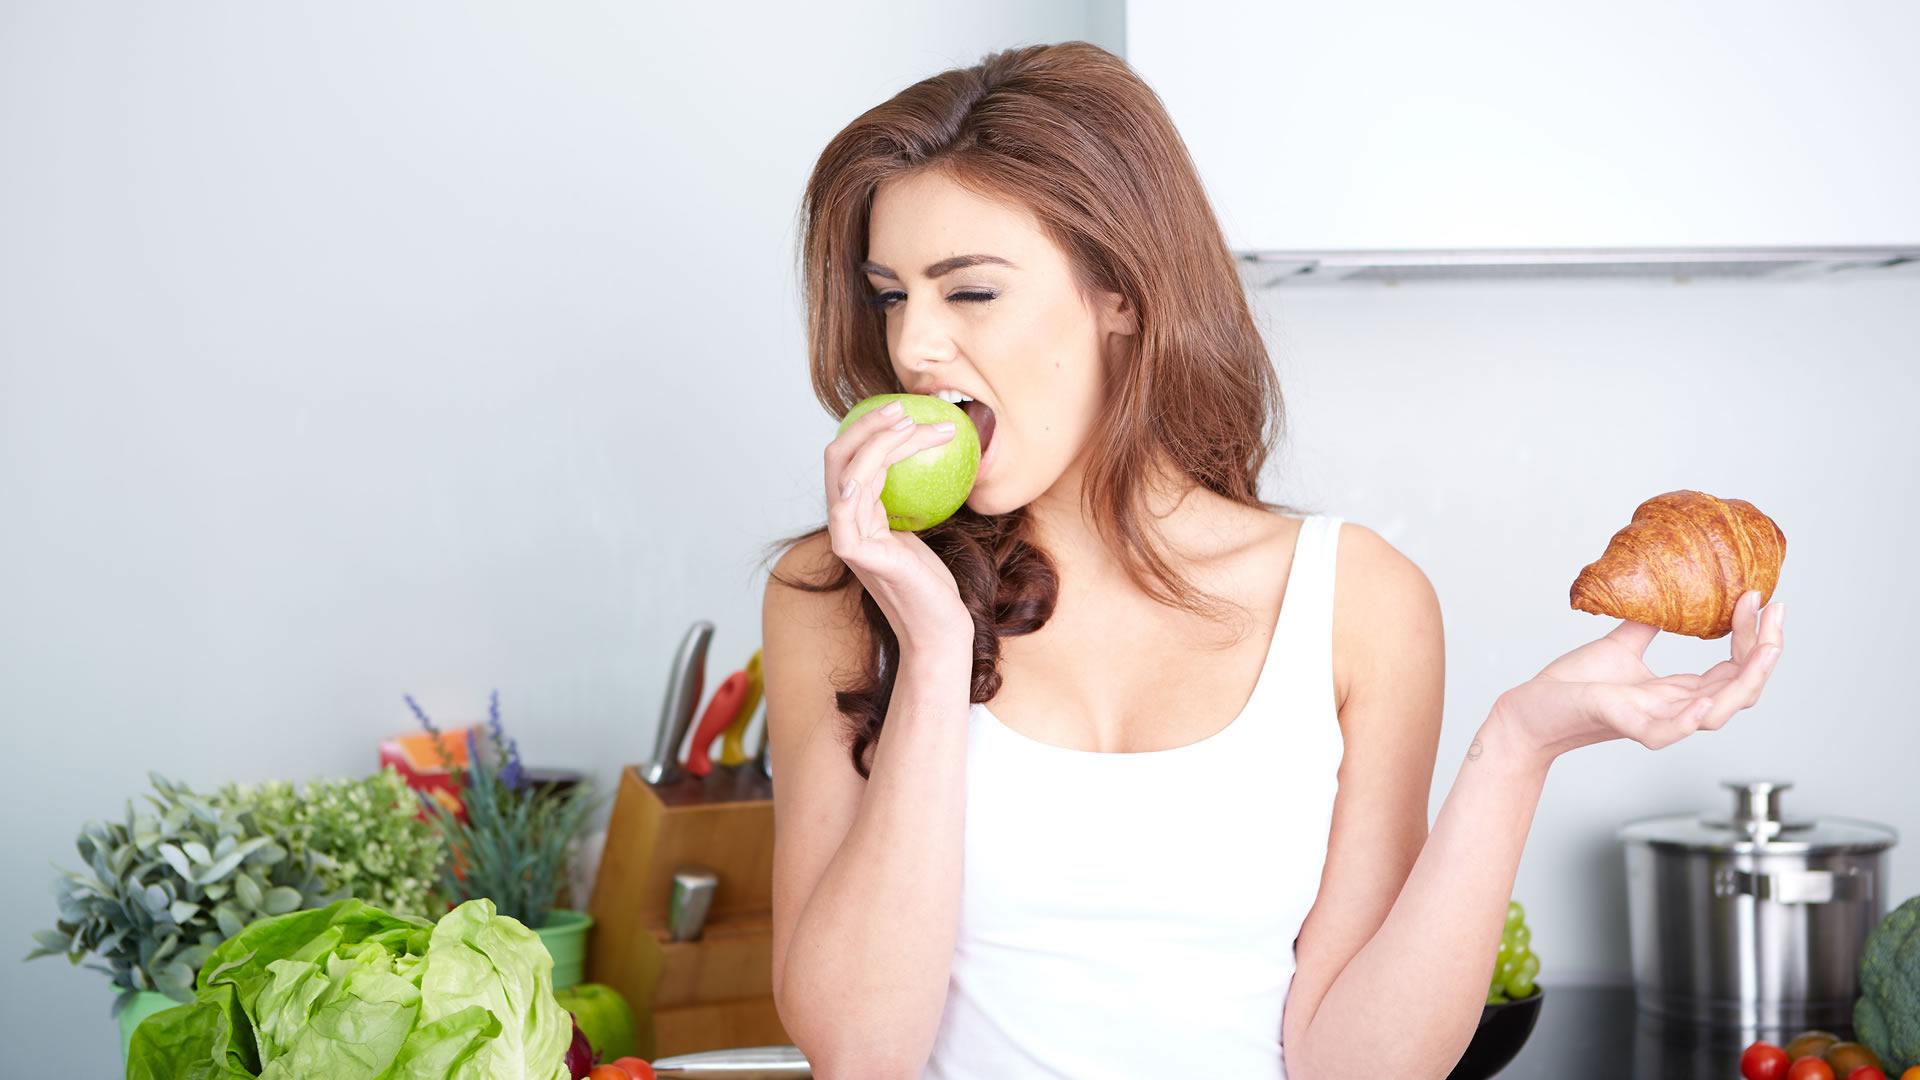 Сомневаться полезно для здоровья